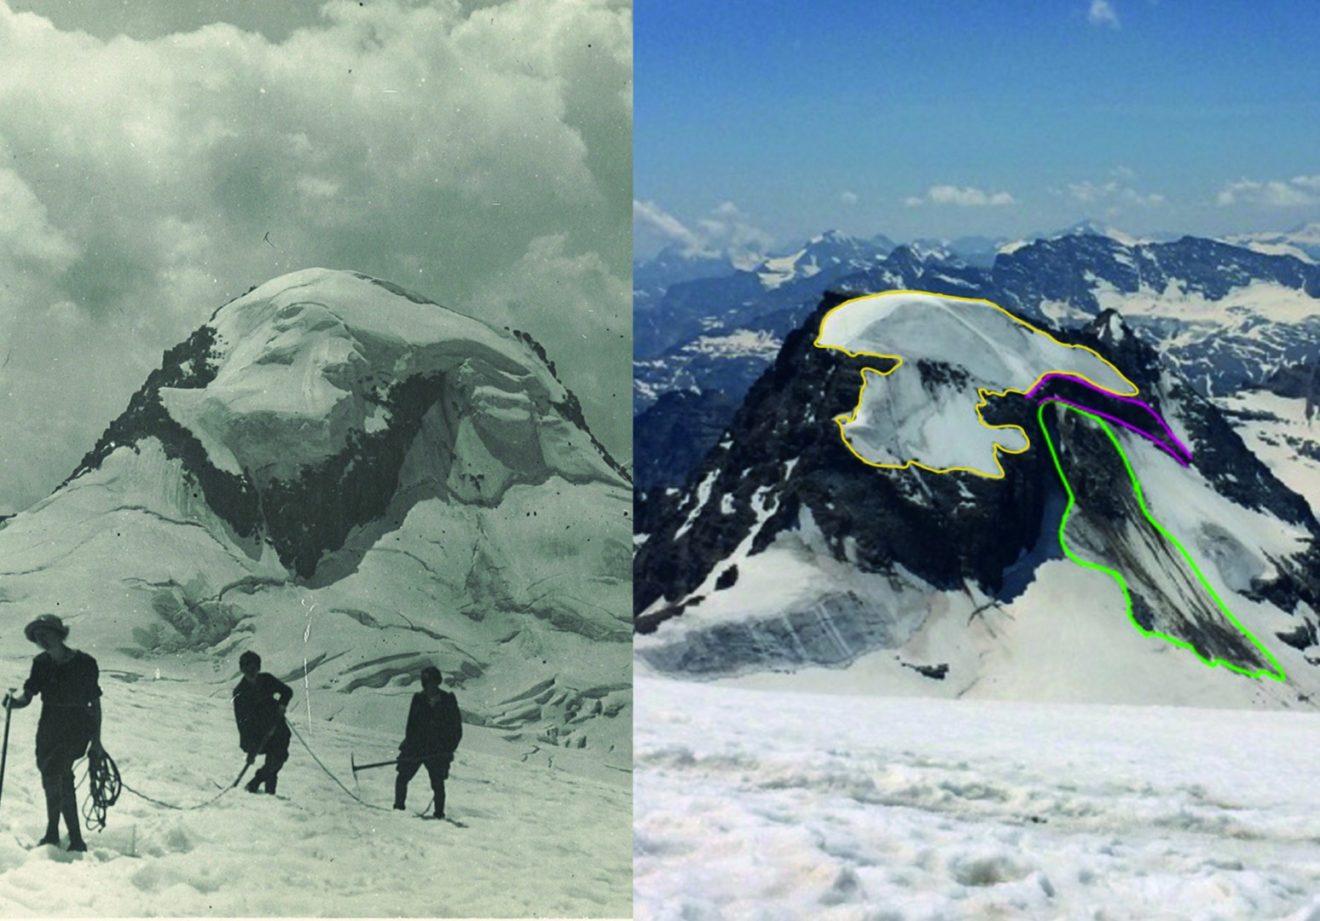 Cambiamenti climatici: continua l'arretramento dei ghiacciai nel Parco Nazionale Gran Paradiso